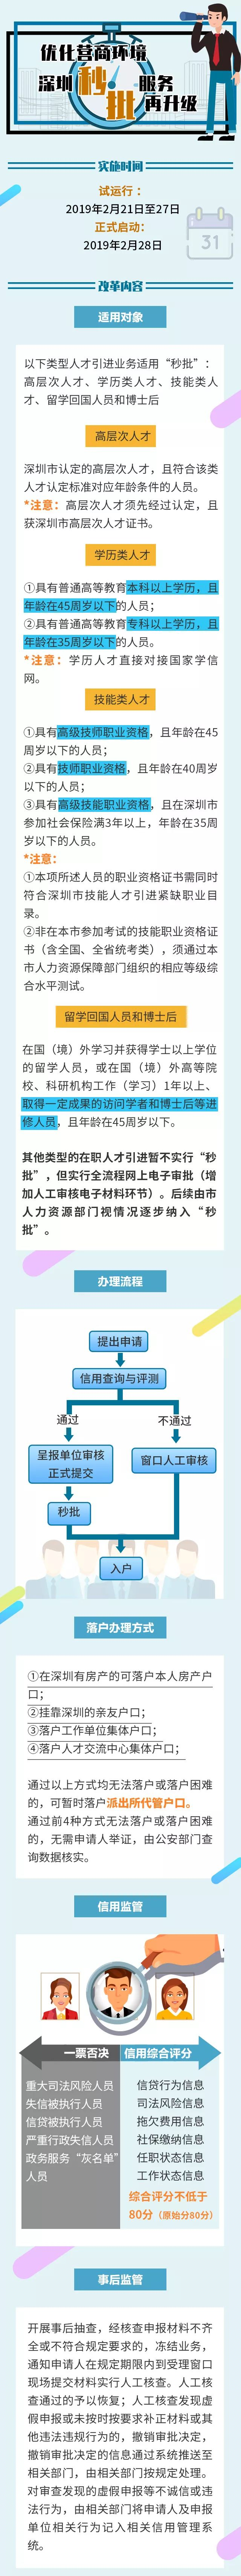 2019落户深圳新政即将实施!符合这些条件你也可以来申请